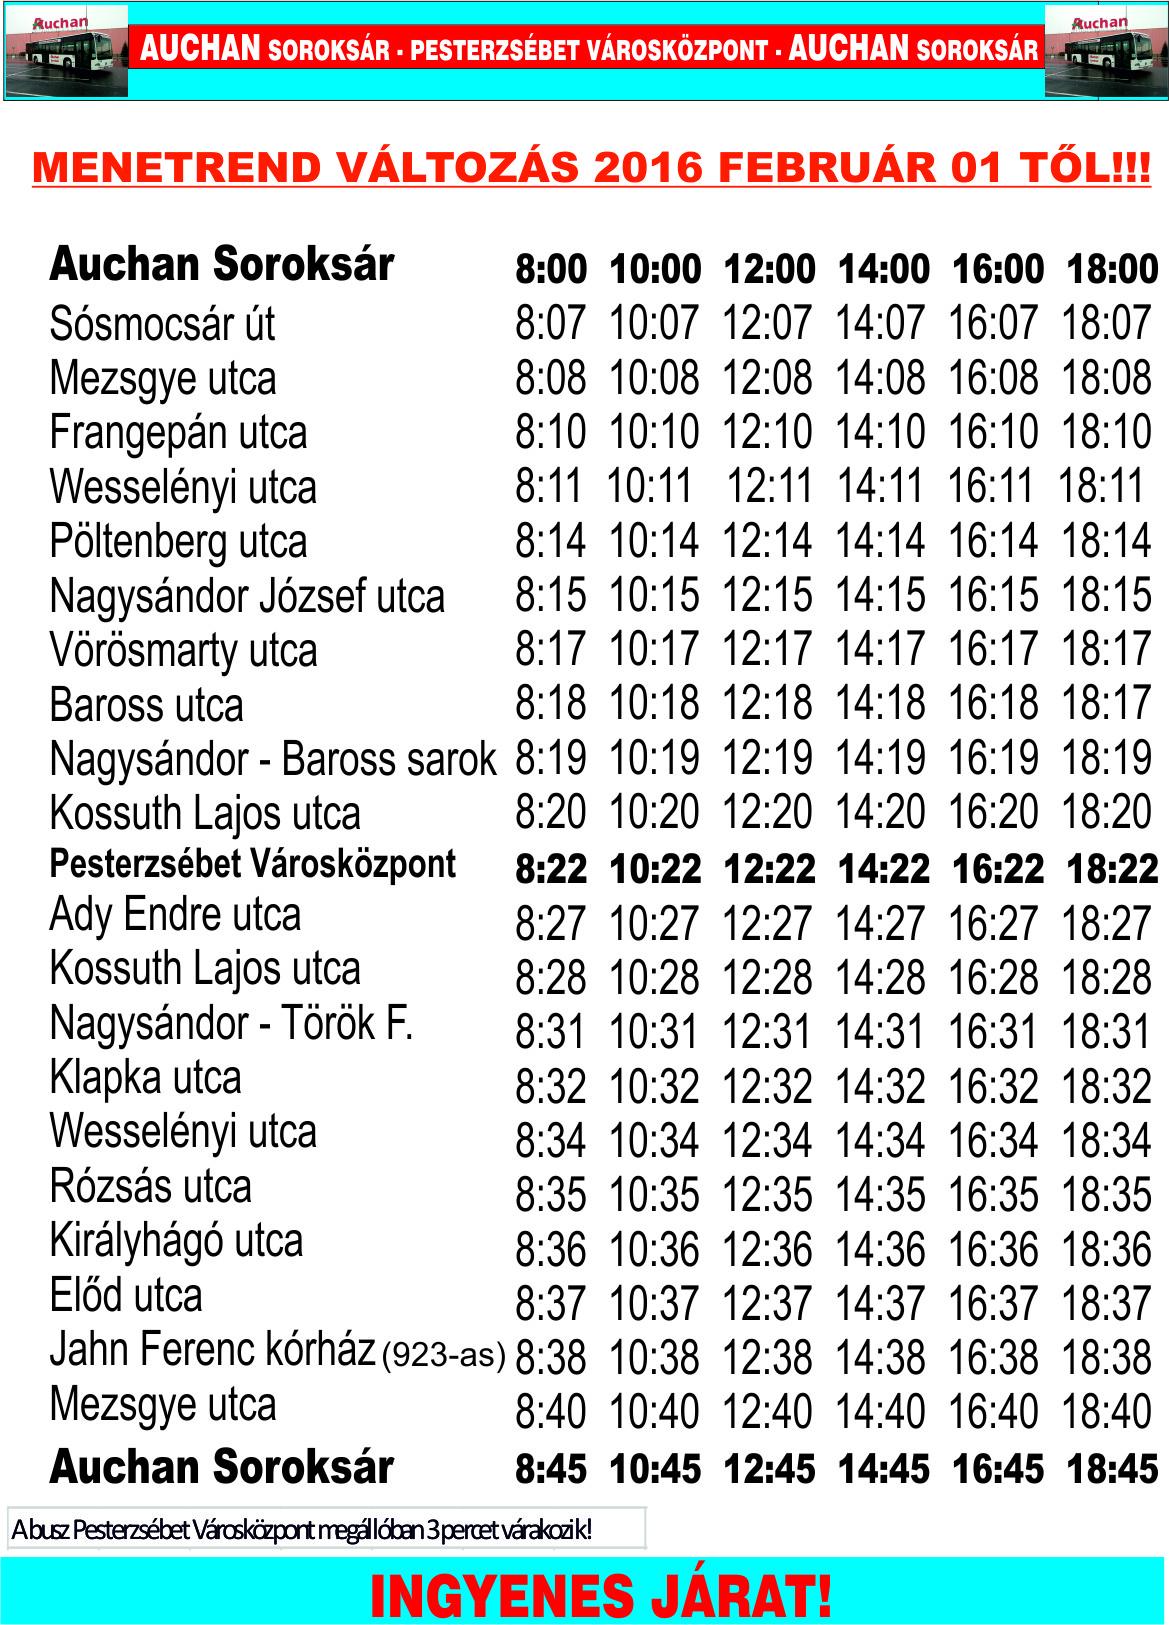 auchan térkép Áruházak | Auchan auchan térkép